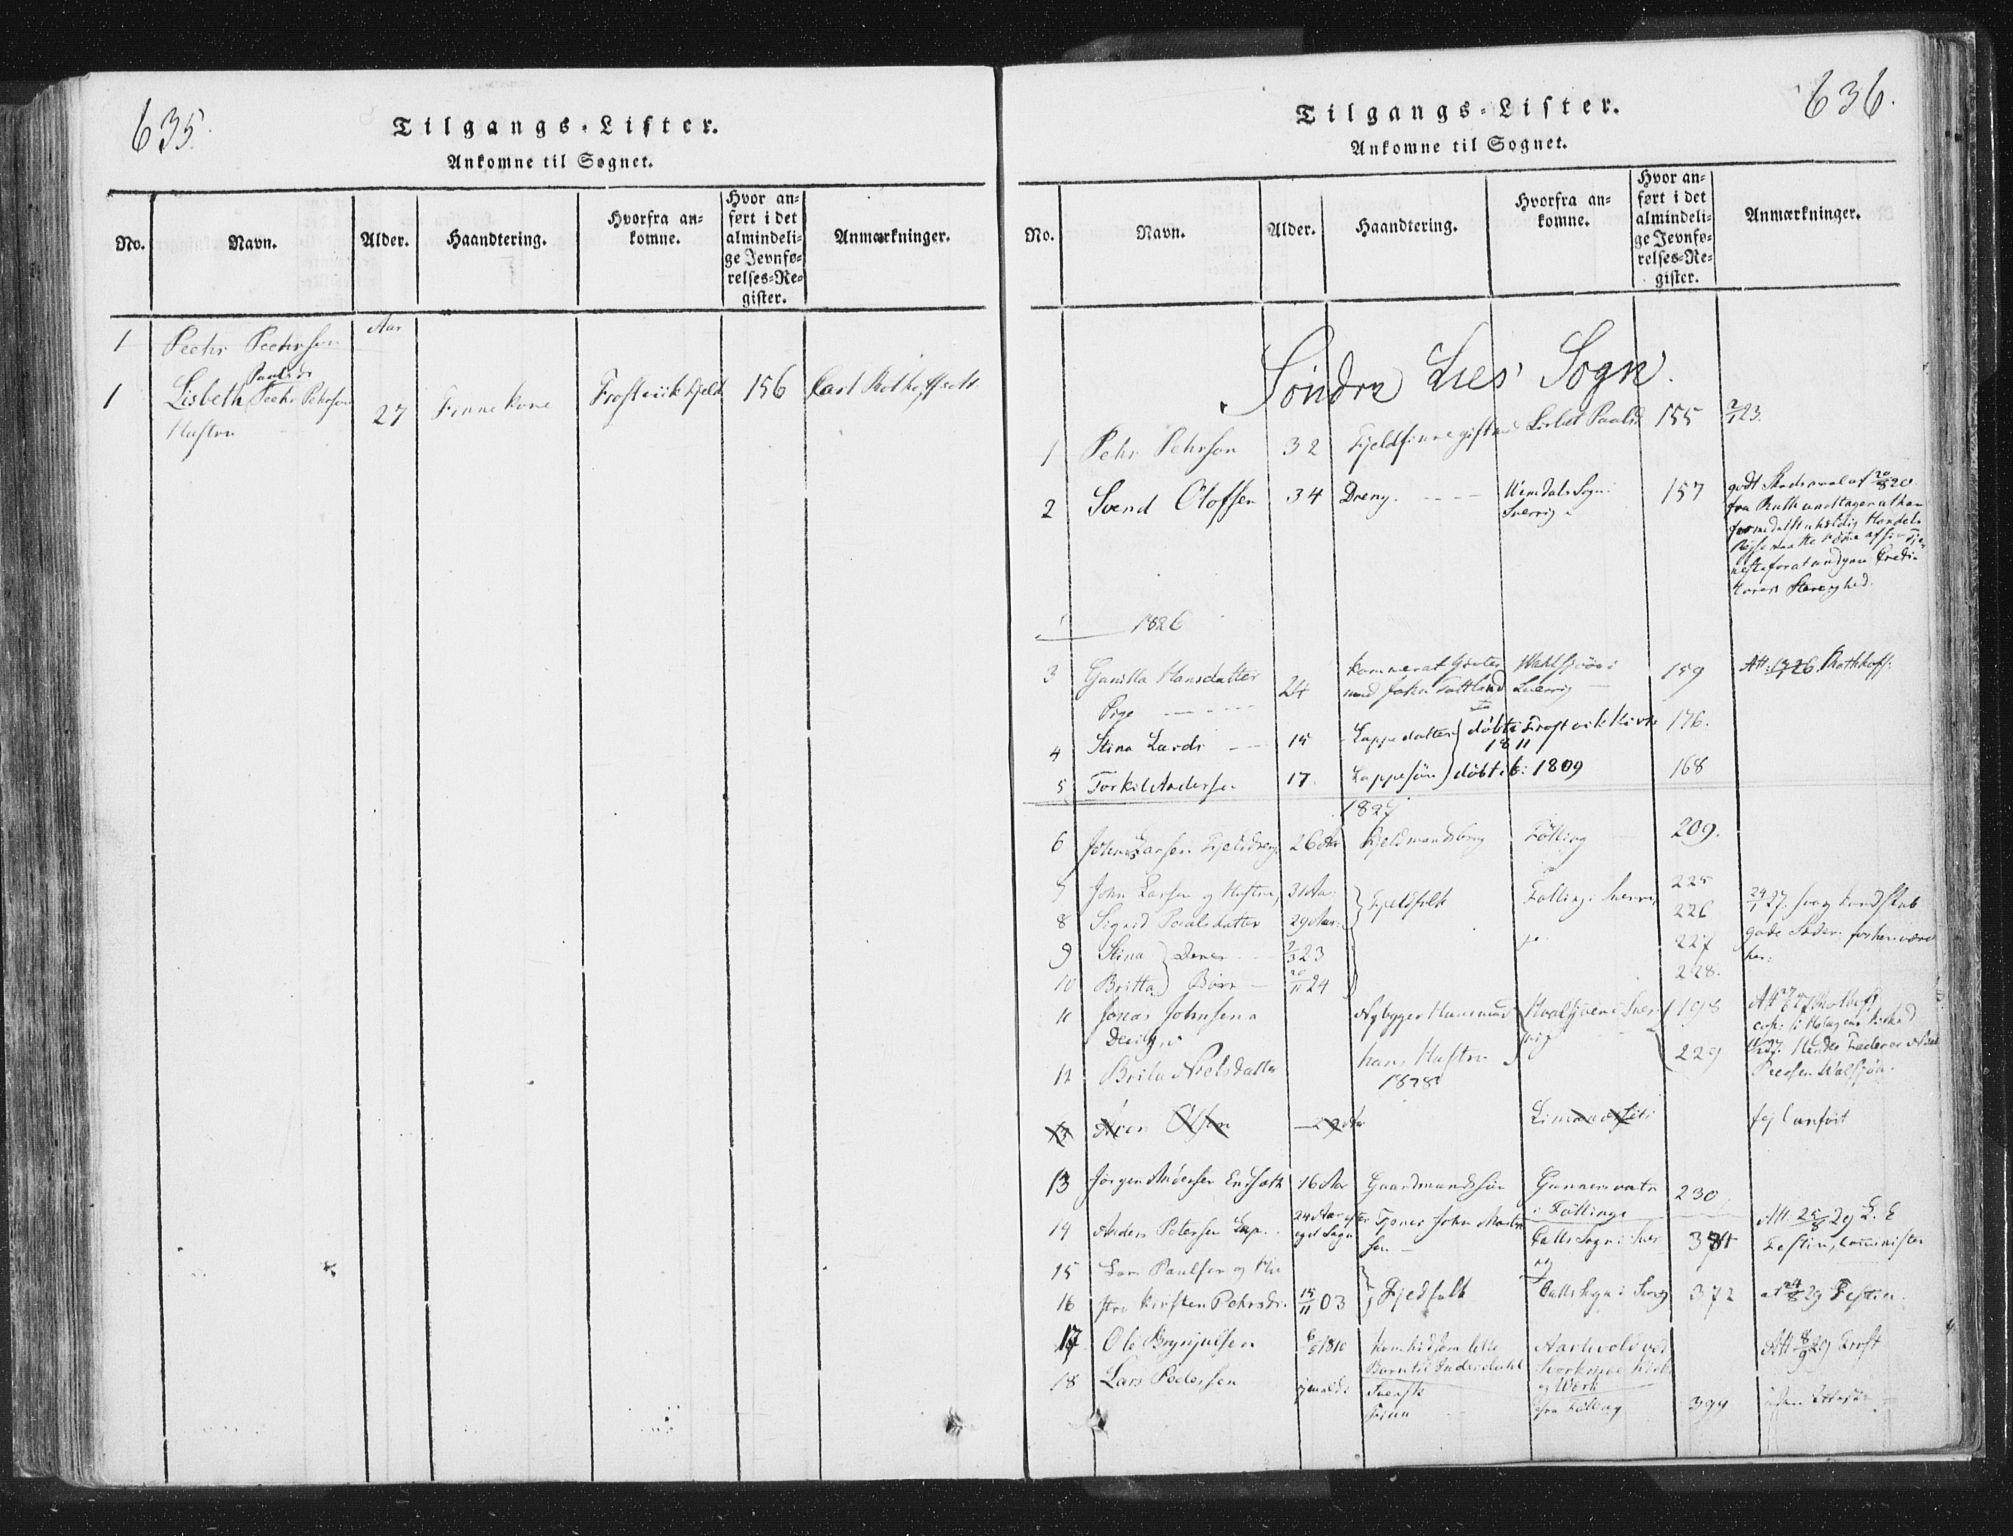 SAT, Ministerialprotokoller, klokkerbøker og fødselsregistre - Nord-Trøndelag, 755/L0491: Ministerialbok nr. 755A01 /2, 1817-1864, s. 635-636